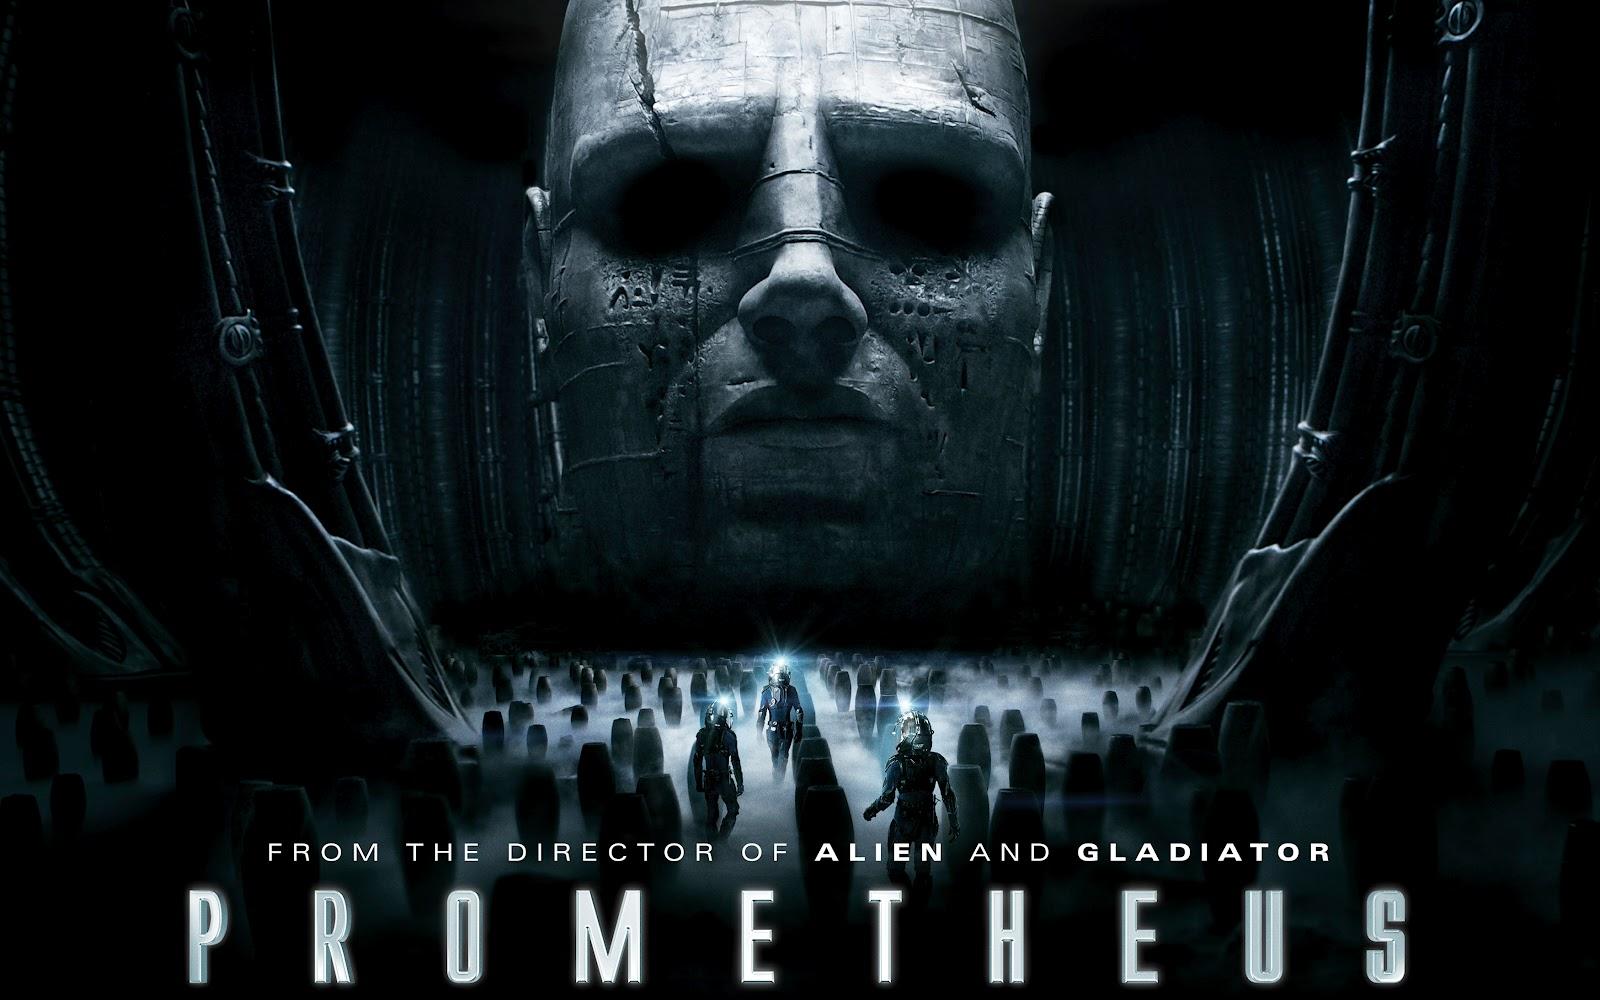 http://1.bp.blogspot.com/-RIJzjtu8m48/T9e6bWiEJiI/AAAAAAAABOA/G98xVX368uI/s1600/prometheus_movie-wide.jpg